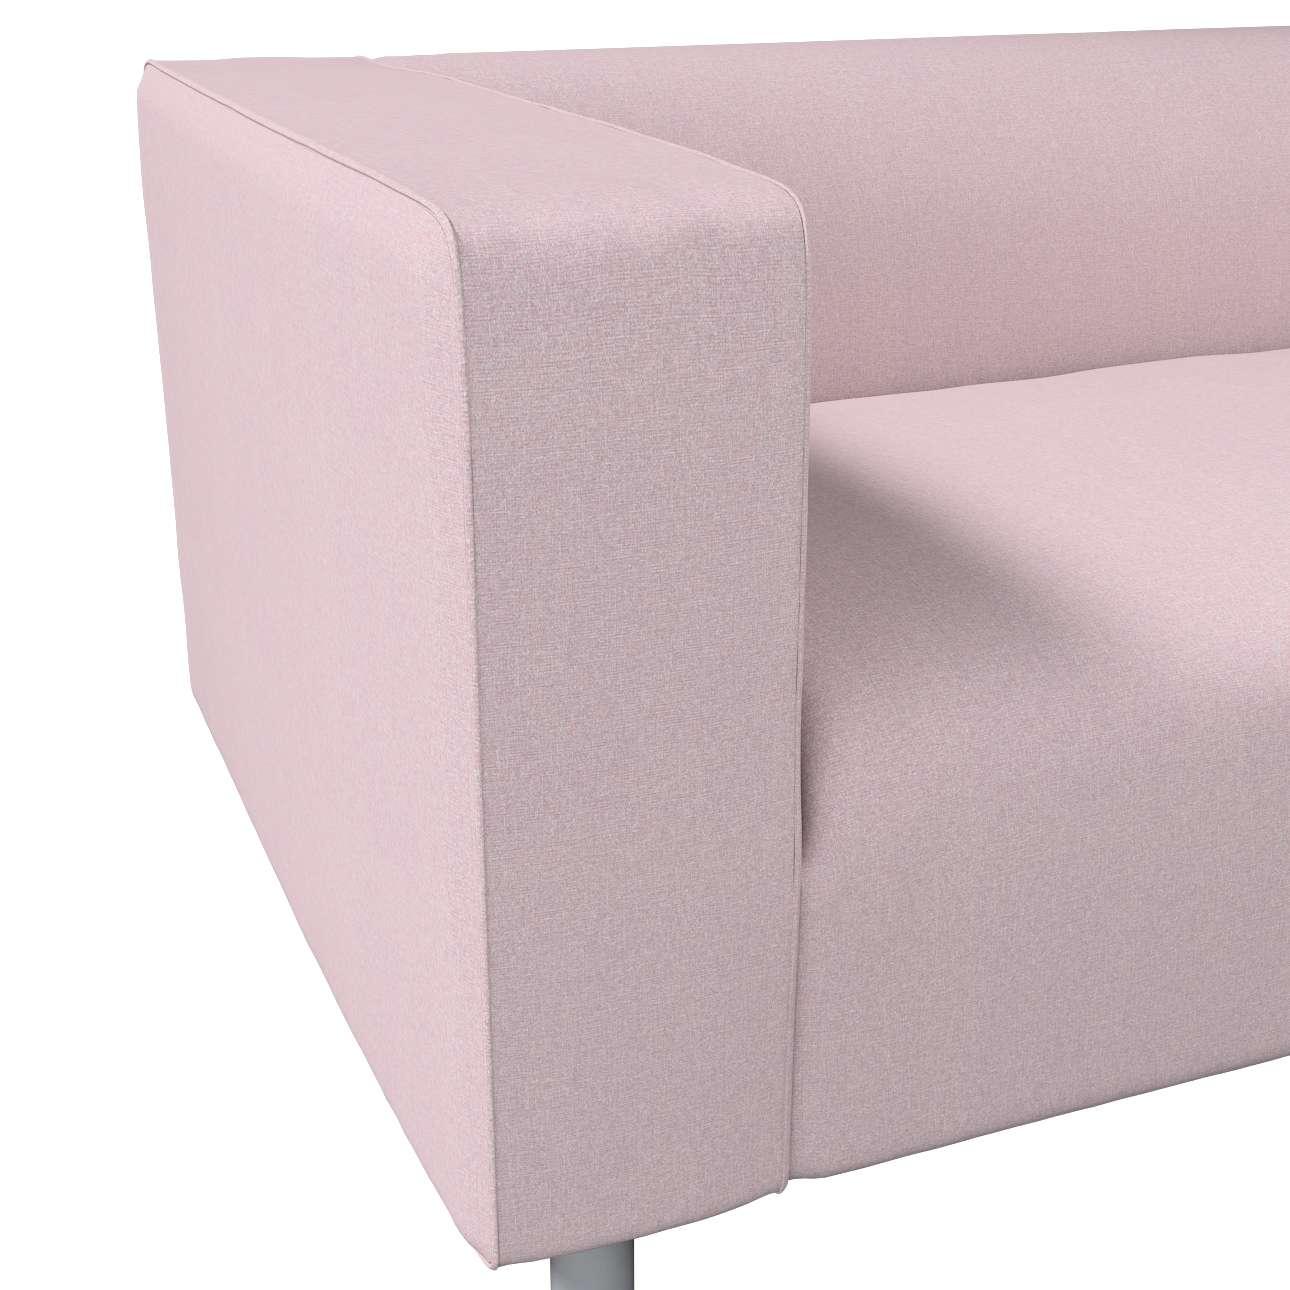 Pokrowiec na sofę Klippan 2-osobową w kolekcji Amsterdam, tkanina: 704-51